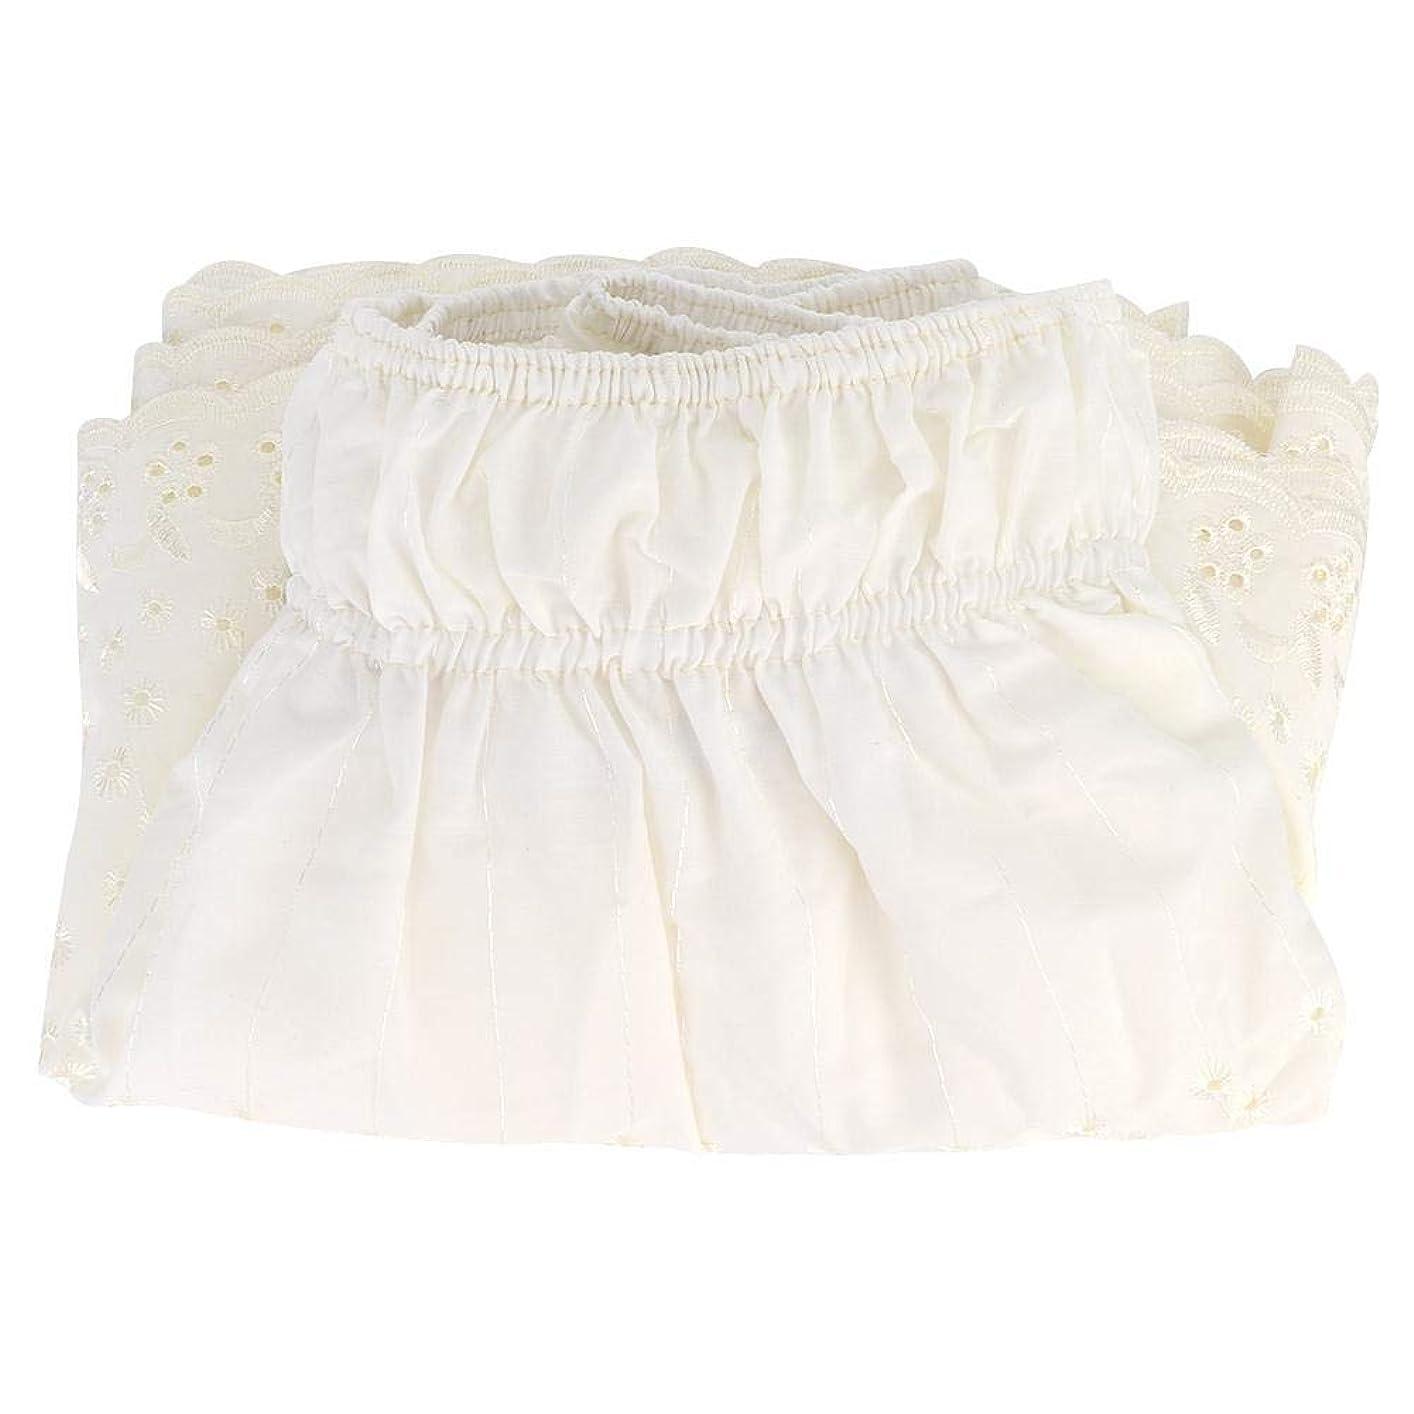 ふさわしい経験的コテージSalinr ベッドスカート 弾性ラップアラウンドベッドスカート 刺繍スタイルの弾性ダストラッフルラップアラウンドベッドスカート、イージーオン/イージーオフダストラッフルベッドスカート(150*200cm)